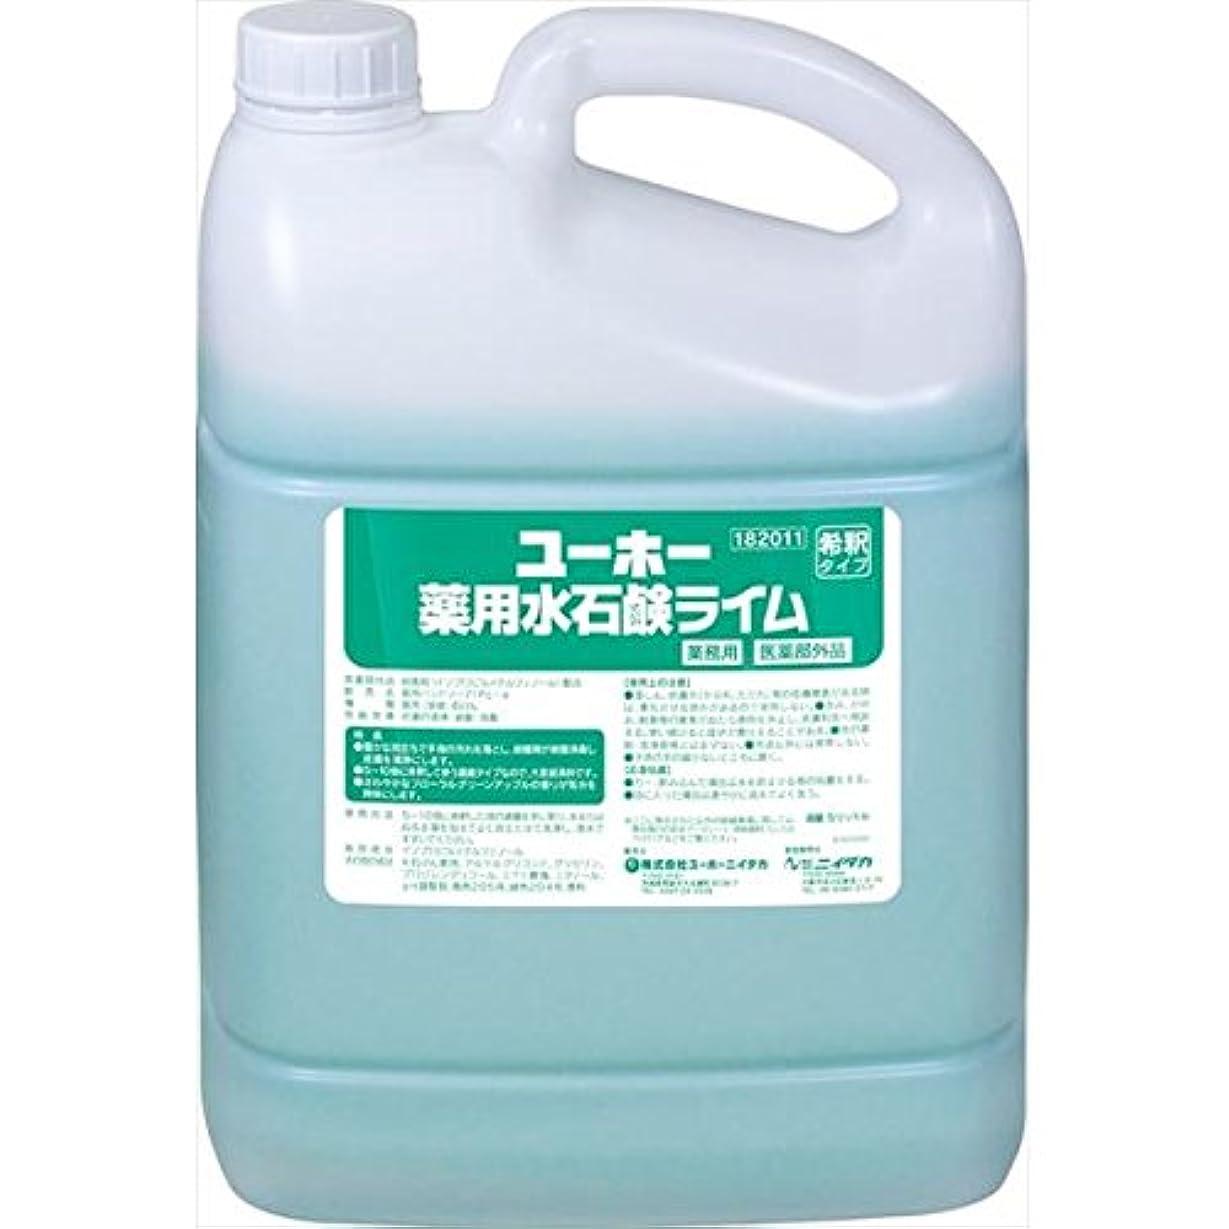 費用認可仲人ユーホーニイタカ:薬用水石鹸ライム 5L×2 182011